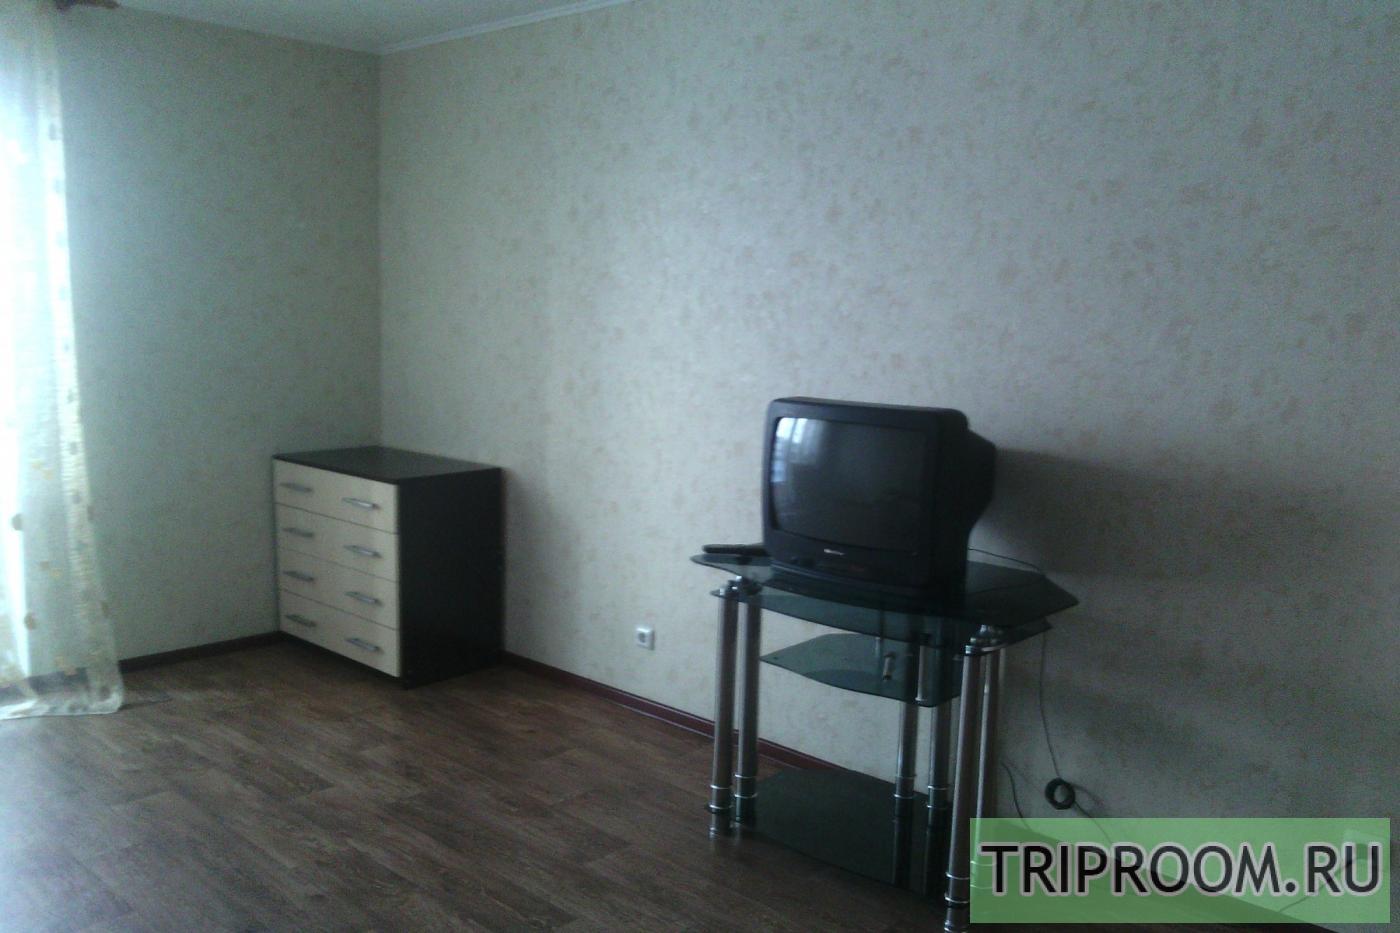 1-комнатная квартира посуточно (вариант № 33668), ул. Павла Морозова, фото № 4